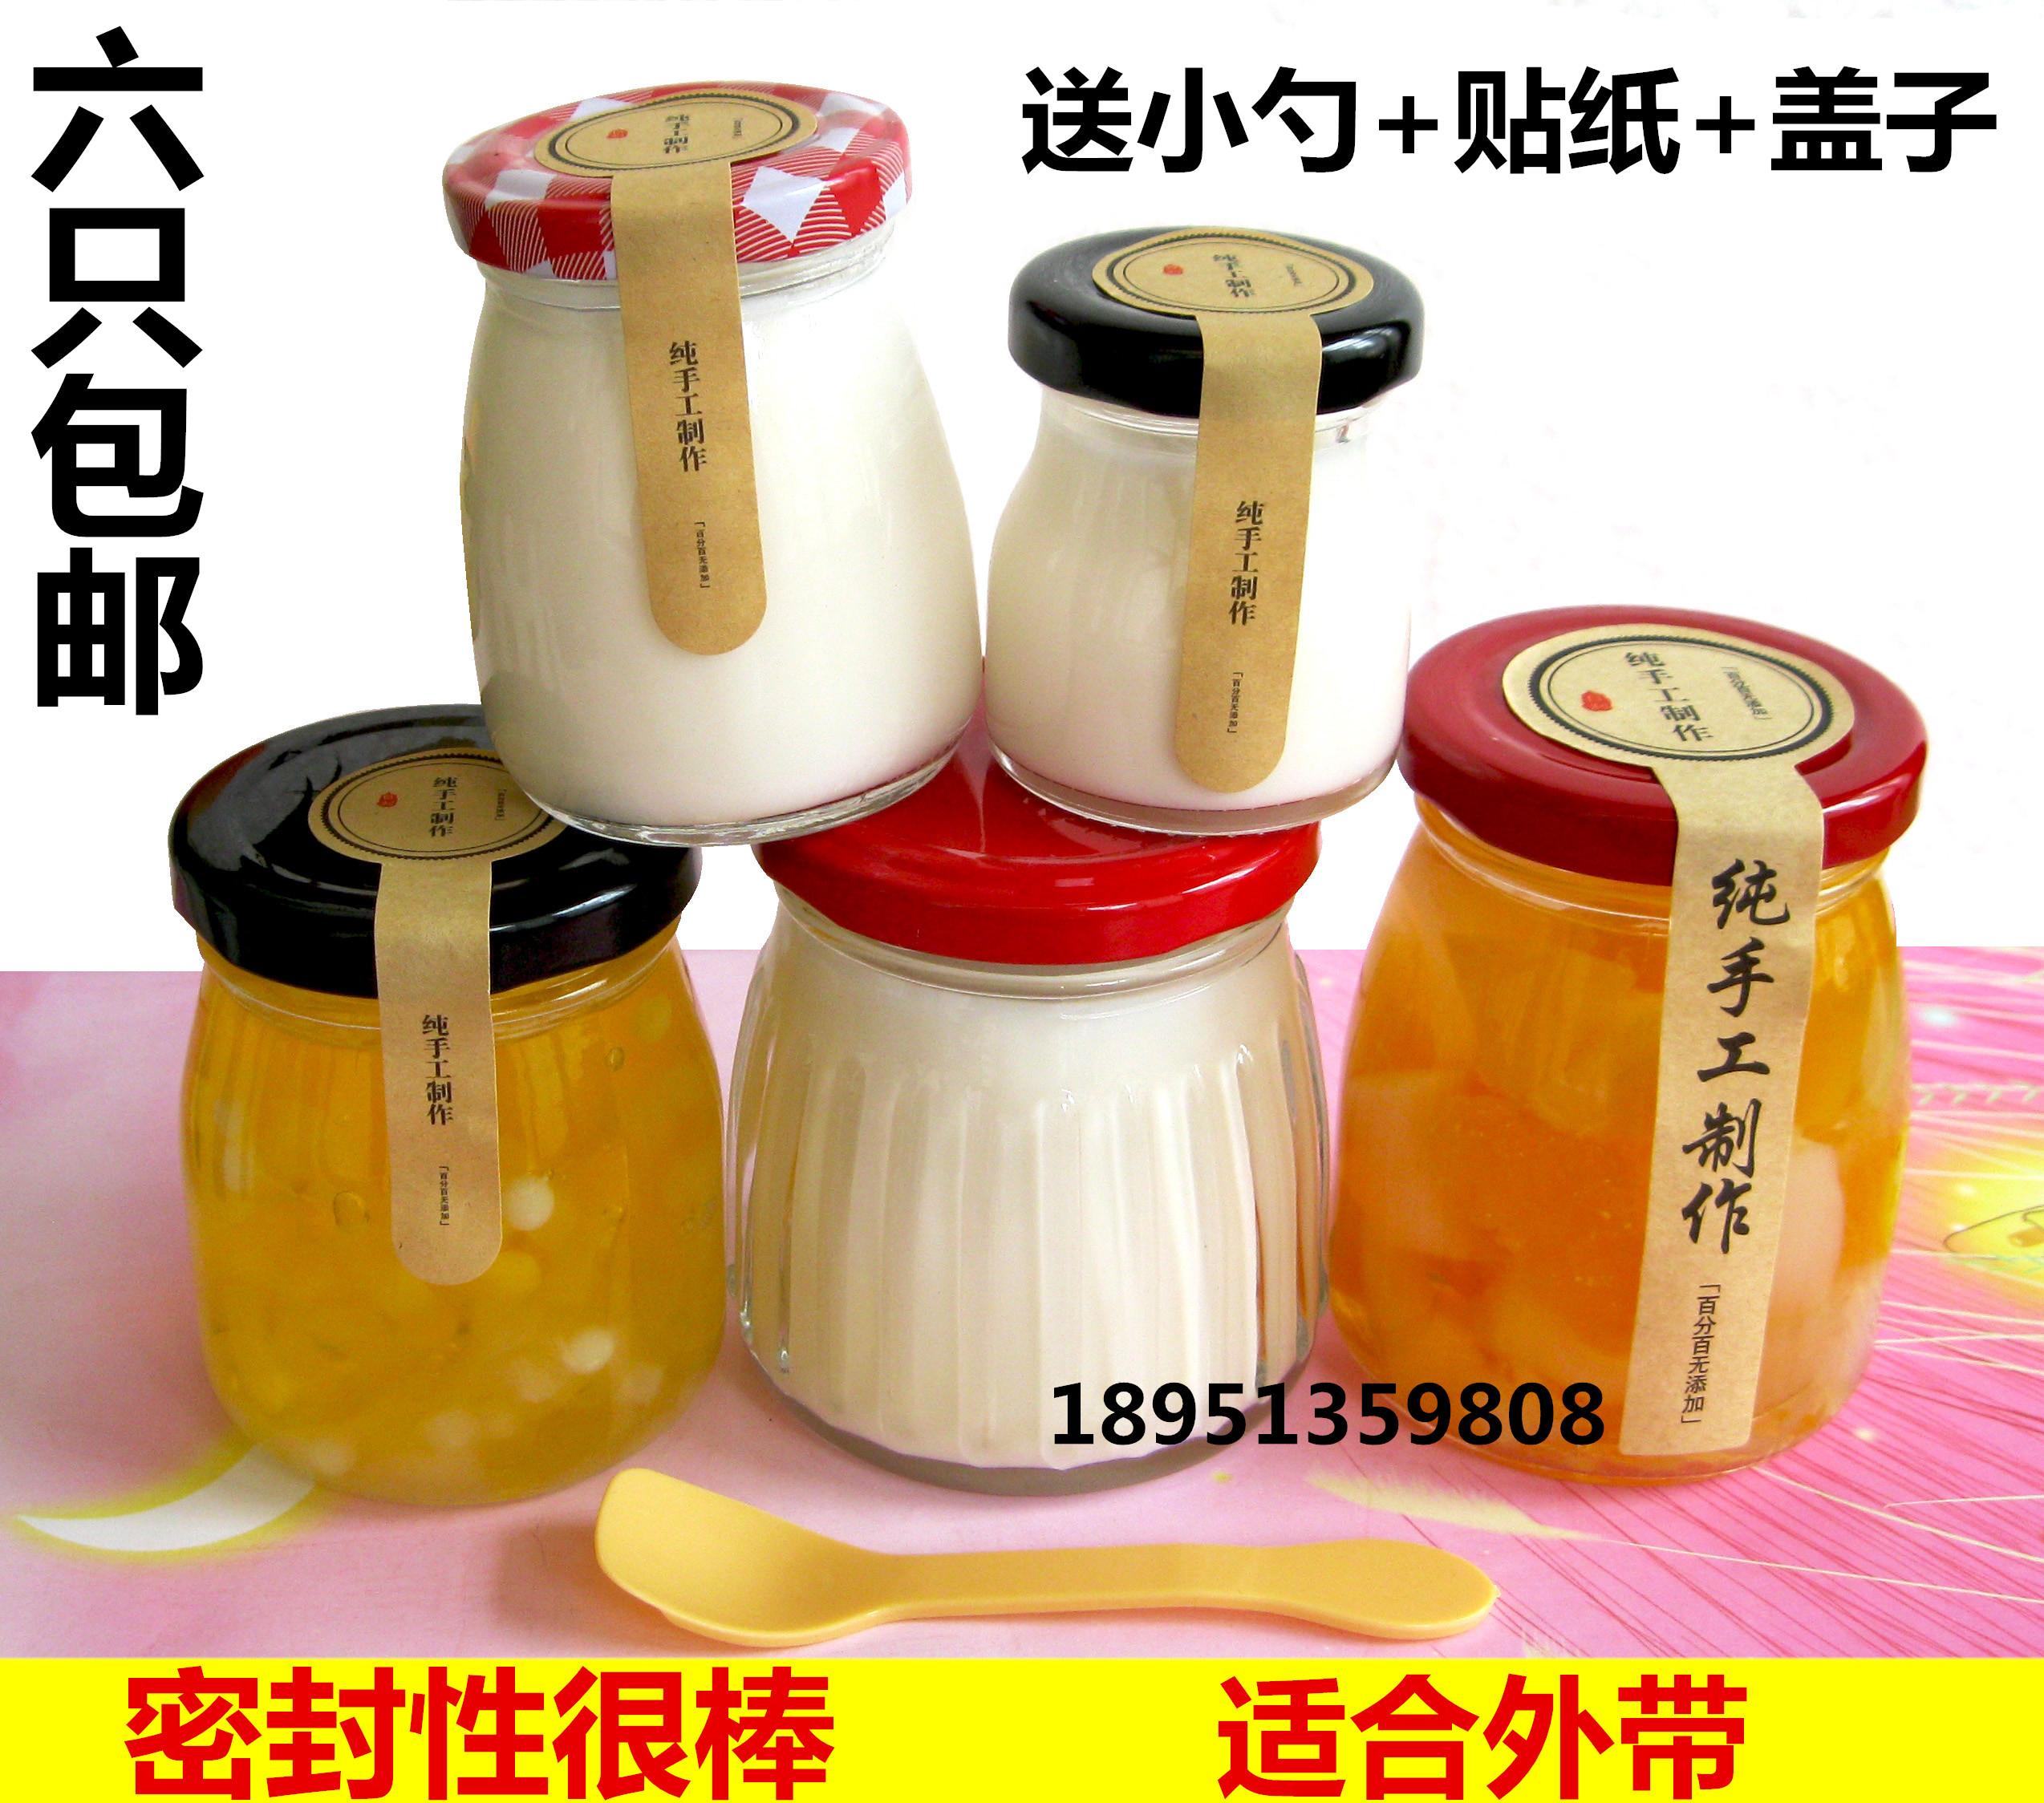 包邮150ml200毫升丝口布丁玻璃瓶酸奶杯含铁带盖竖纹家用密封烘培